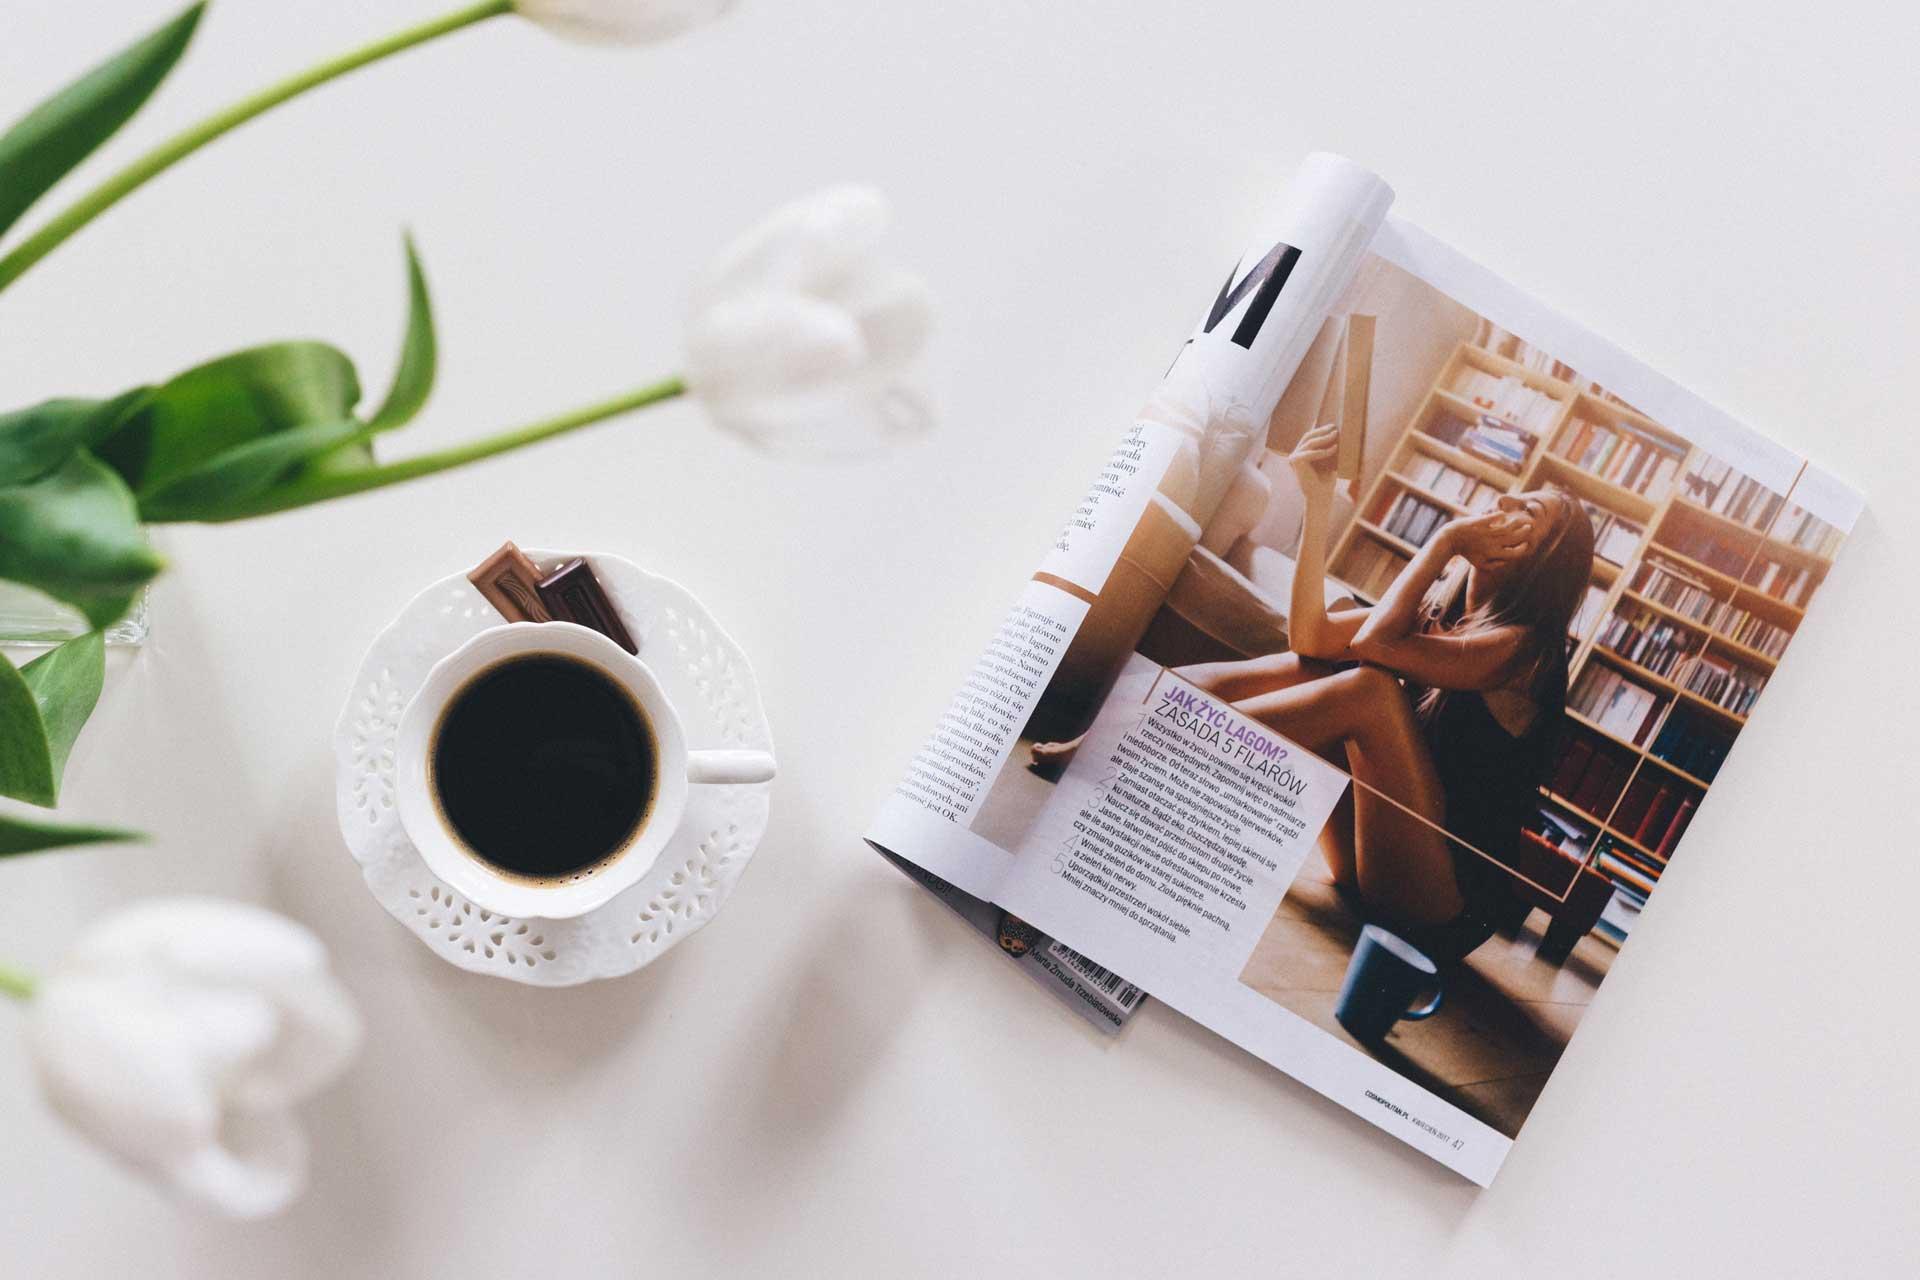 コーヒーテーブルの上に飾られた海外雑誌